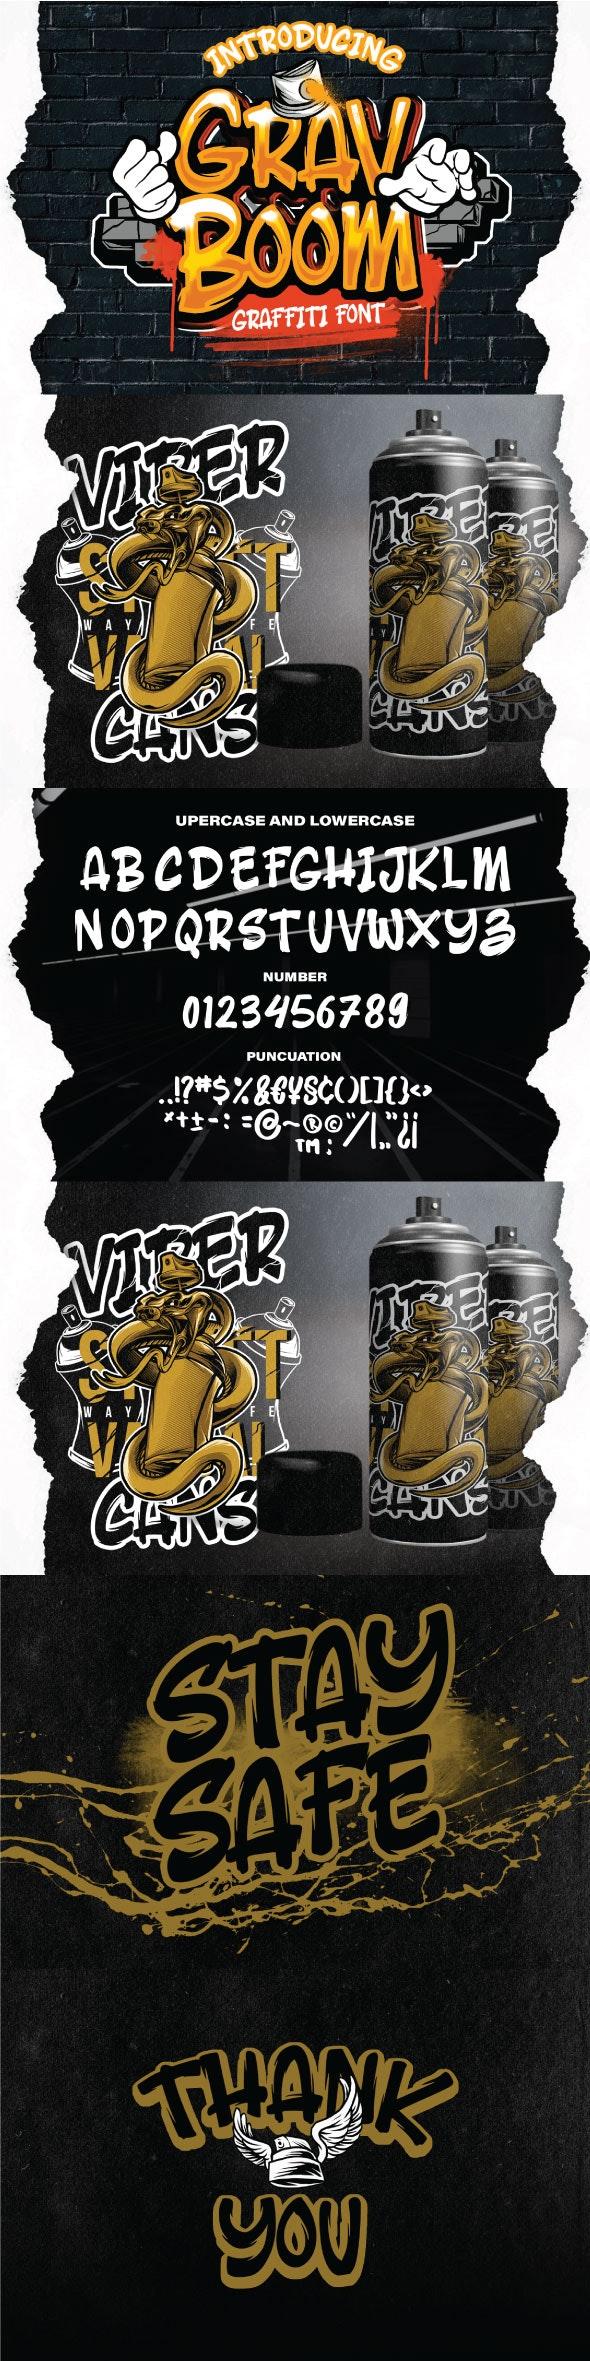 GRAVBOOM GRAFFITI FONT - Graffiti Fonts